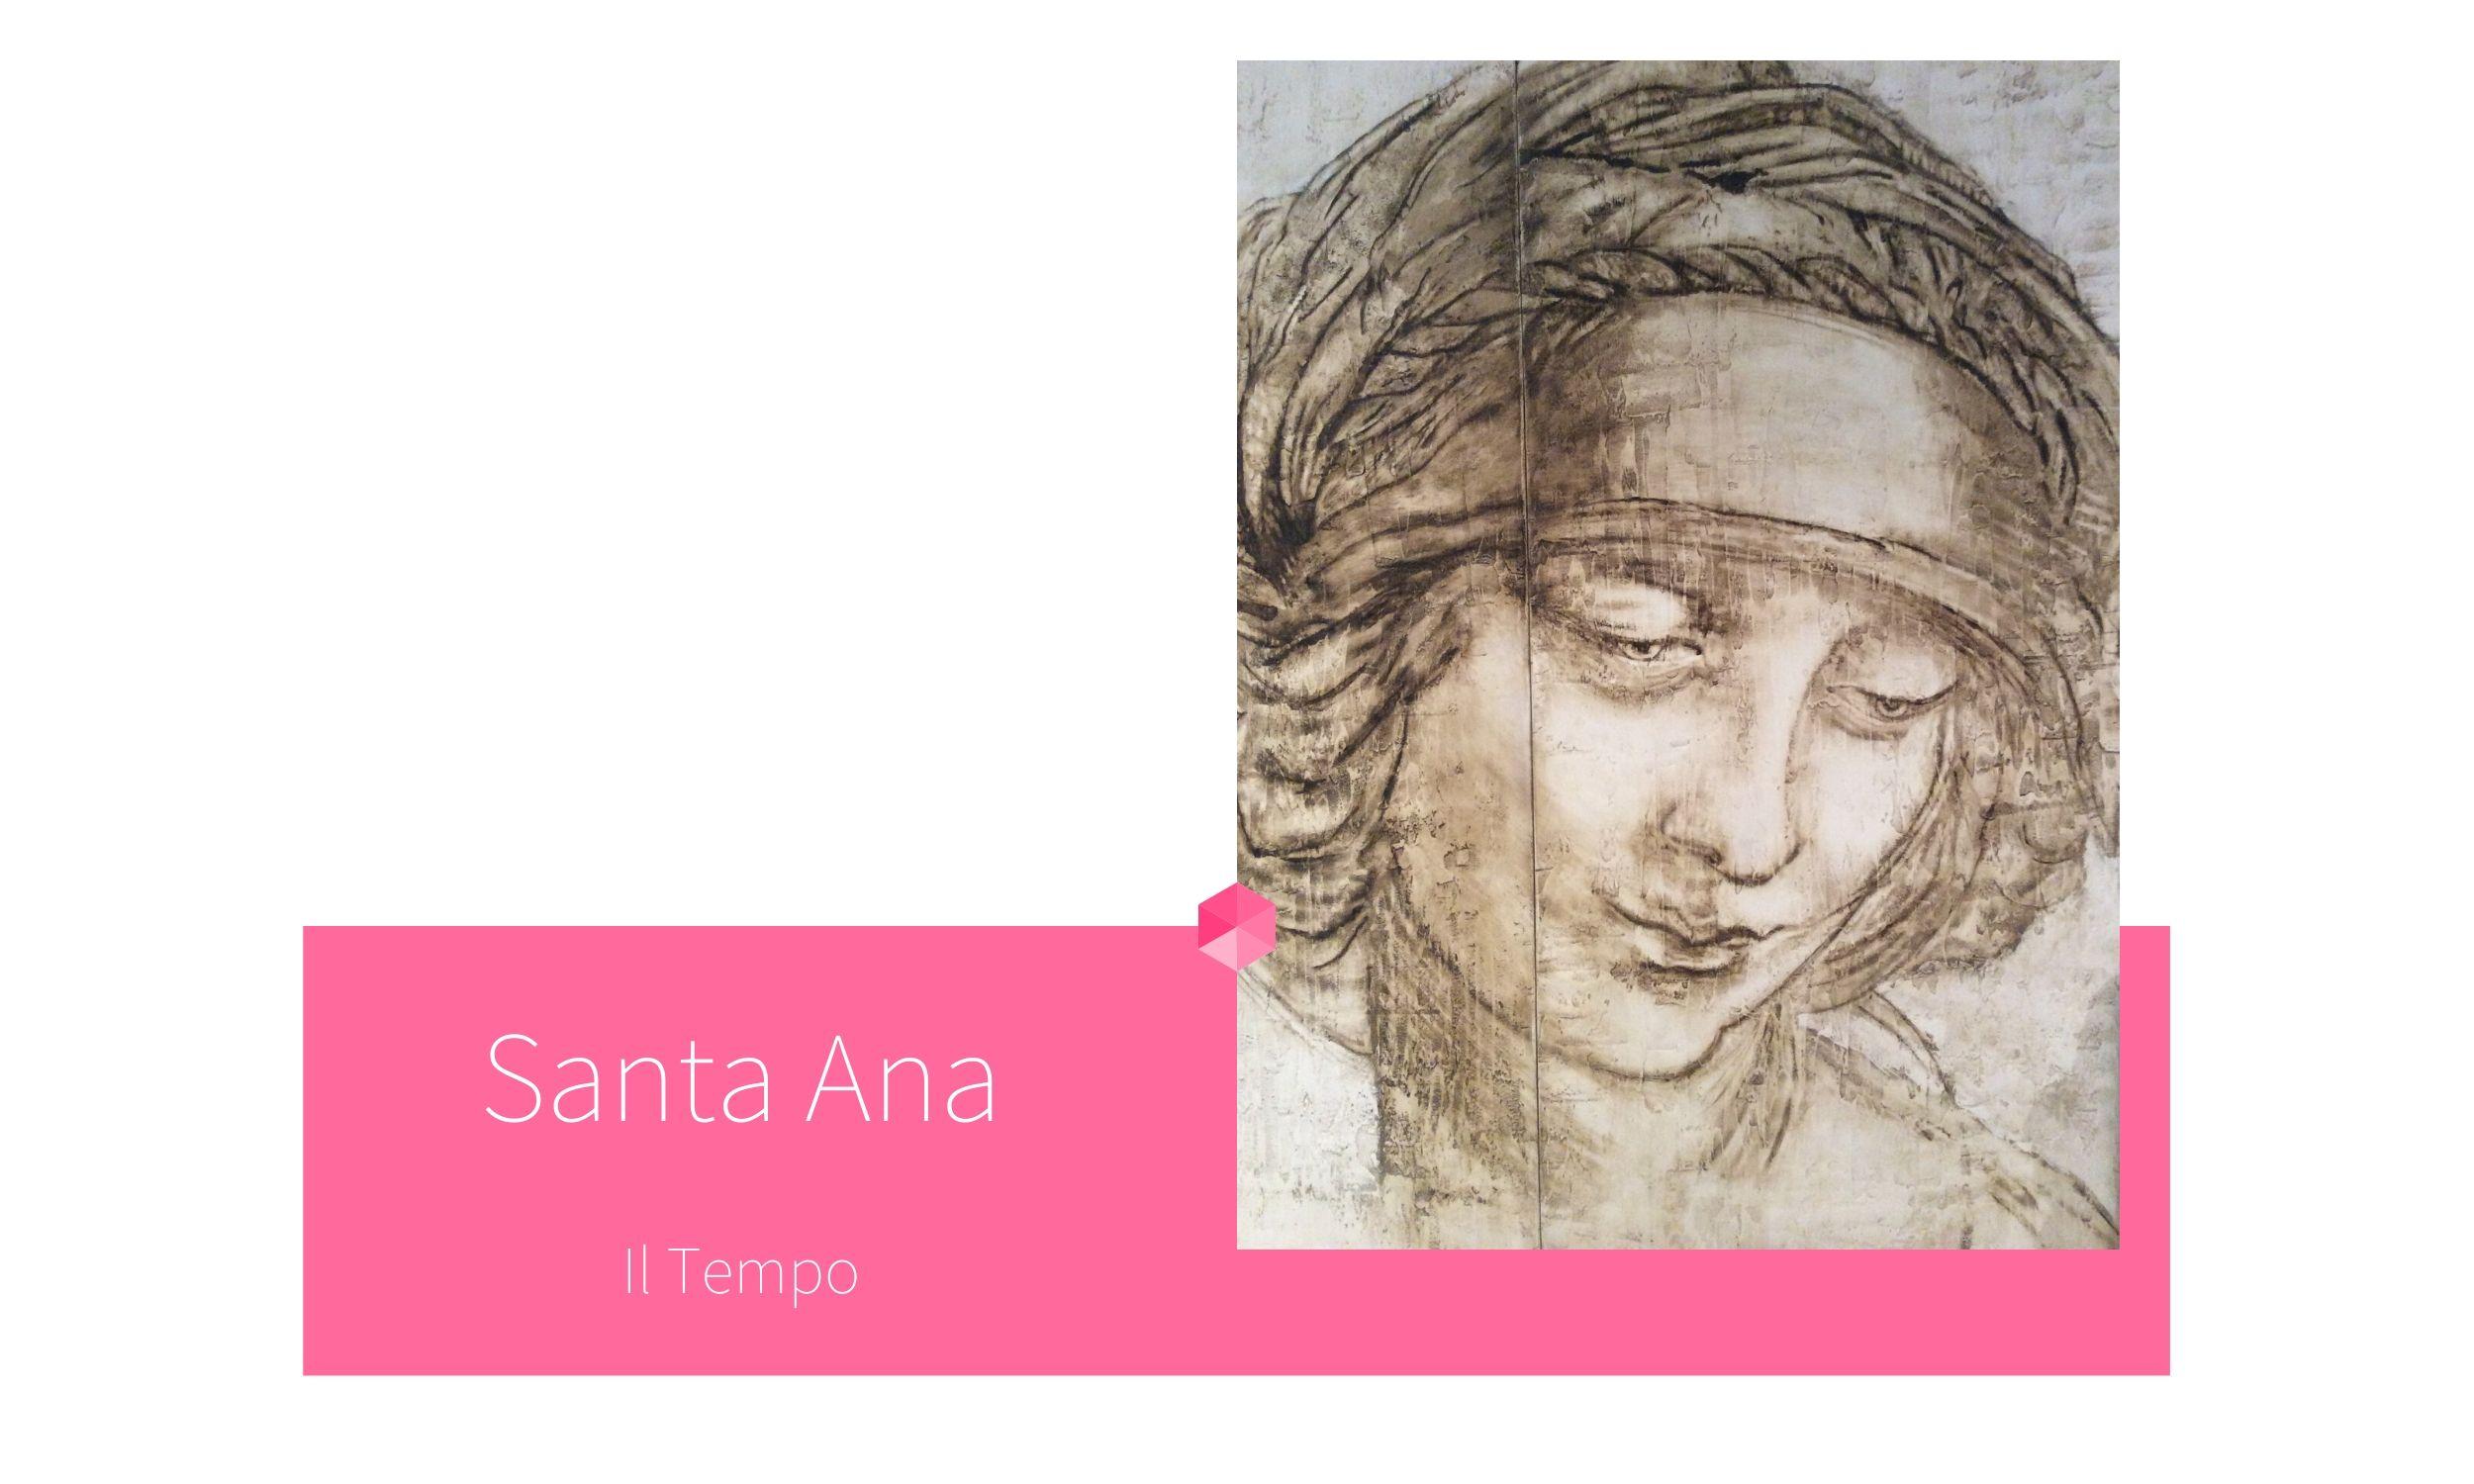 SANTA ANA | por C.J. Ruiz Colección Flor de Ziur | IL TEMPO